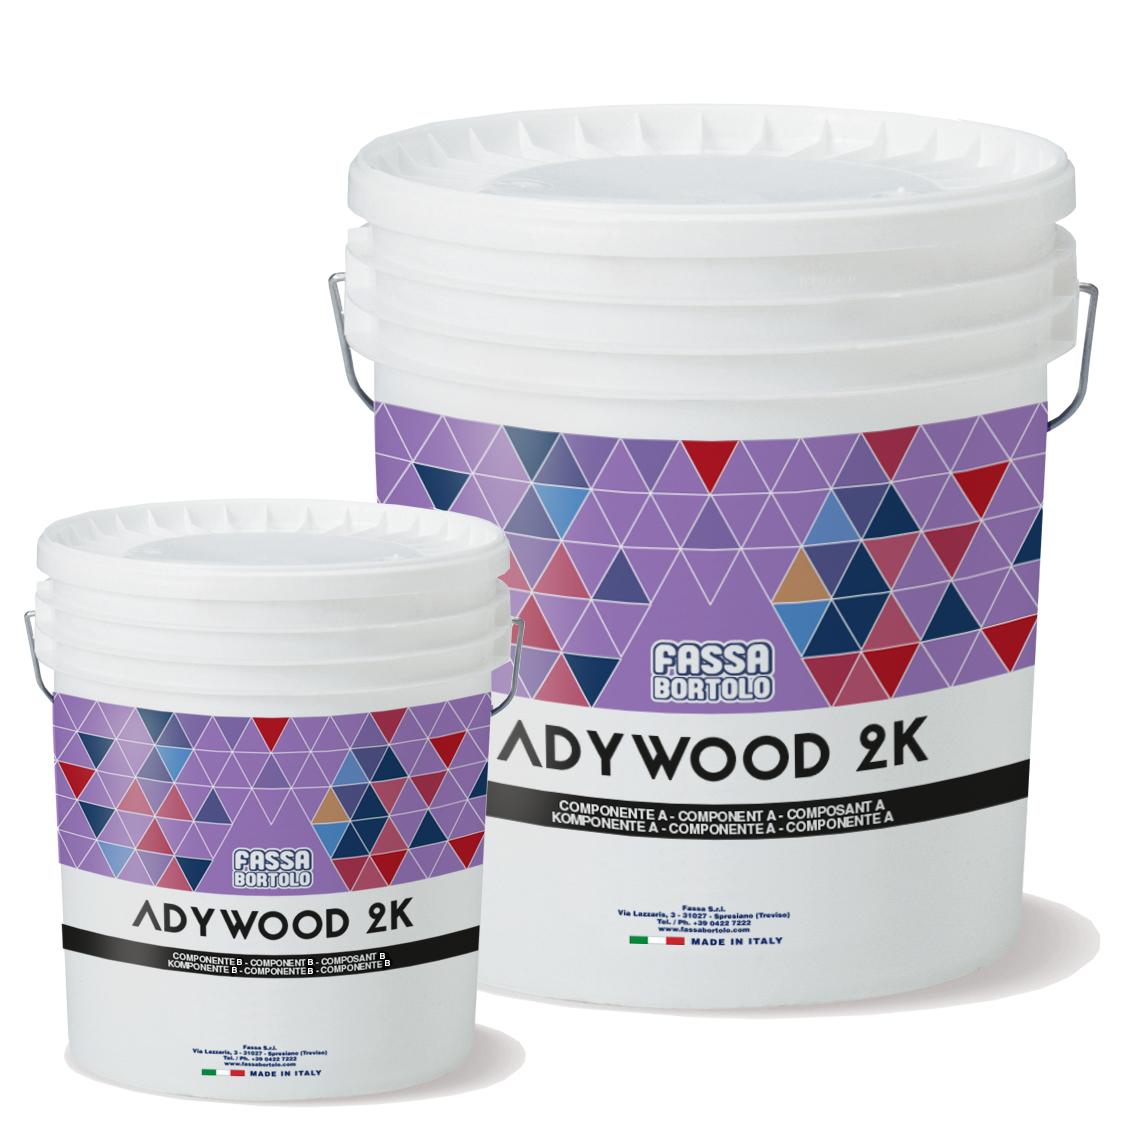 ADYWOOD 2K: Adesivo bicomponente epossipoliuretanico per l'incollaggio di pavimenti di legno